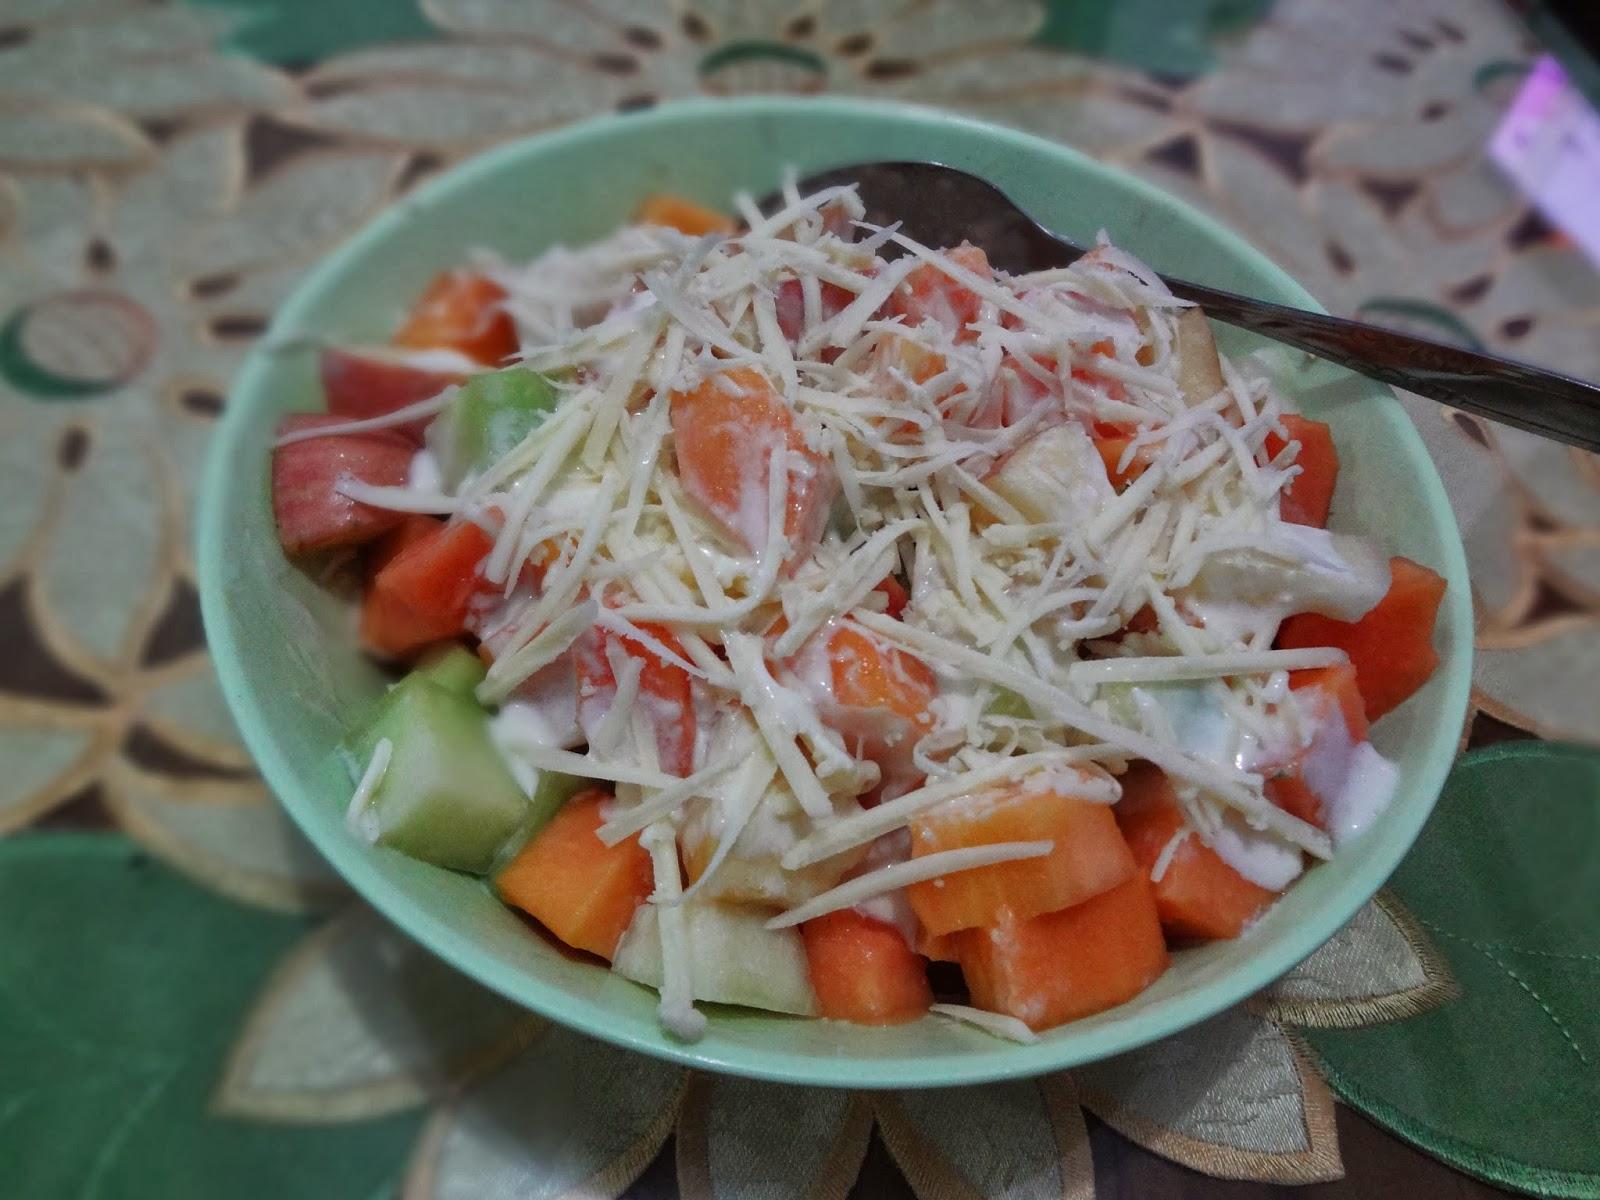 'Fruta Food' Salad Buah, Bisnis Rumahan yang Menjanjikan